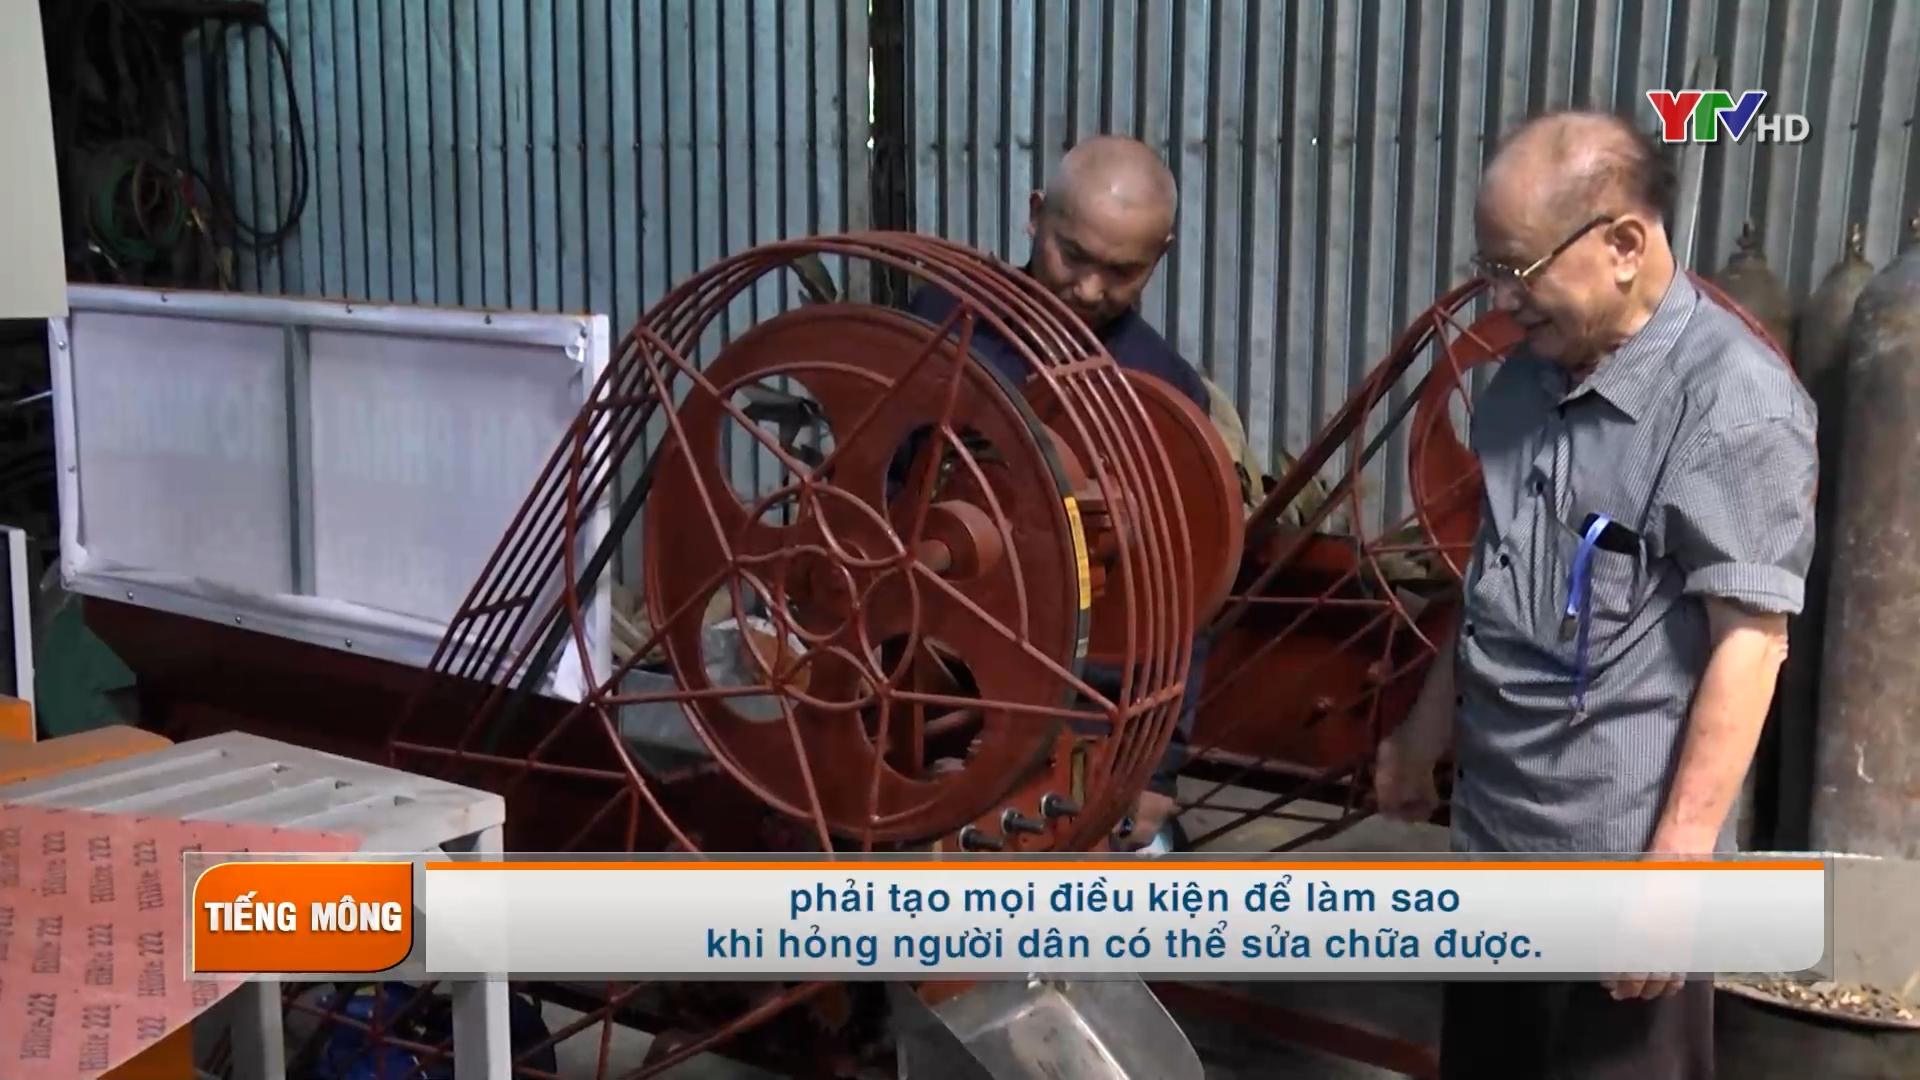 Tạp chí truyền hình tiếng Mông số 2 tháng 10 năm 2020